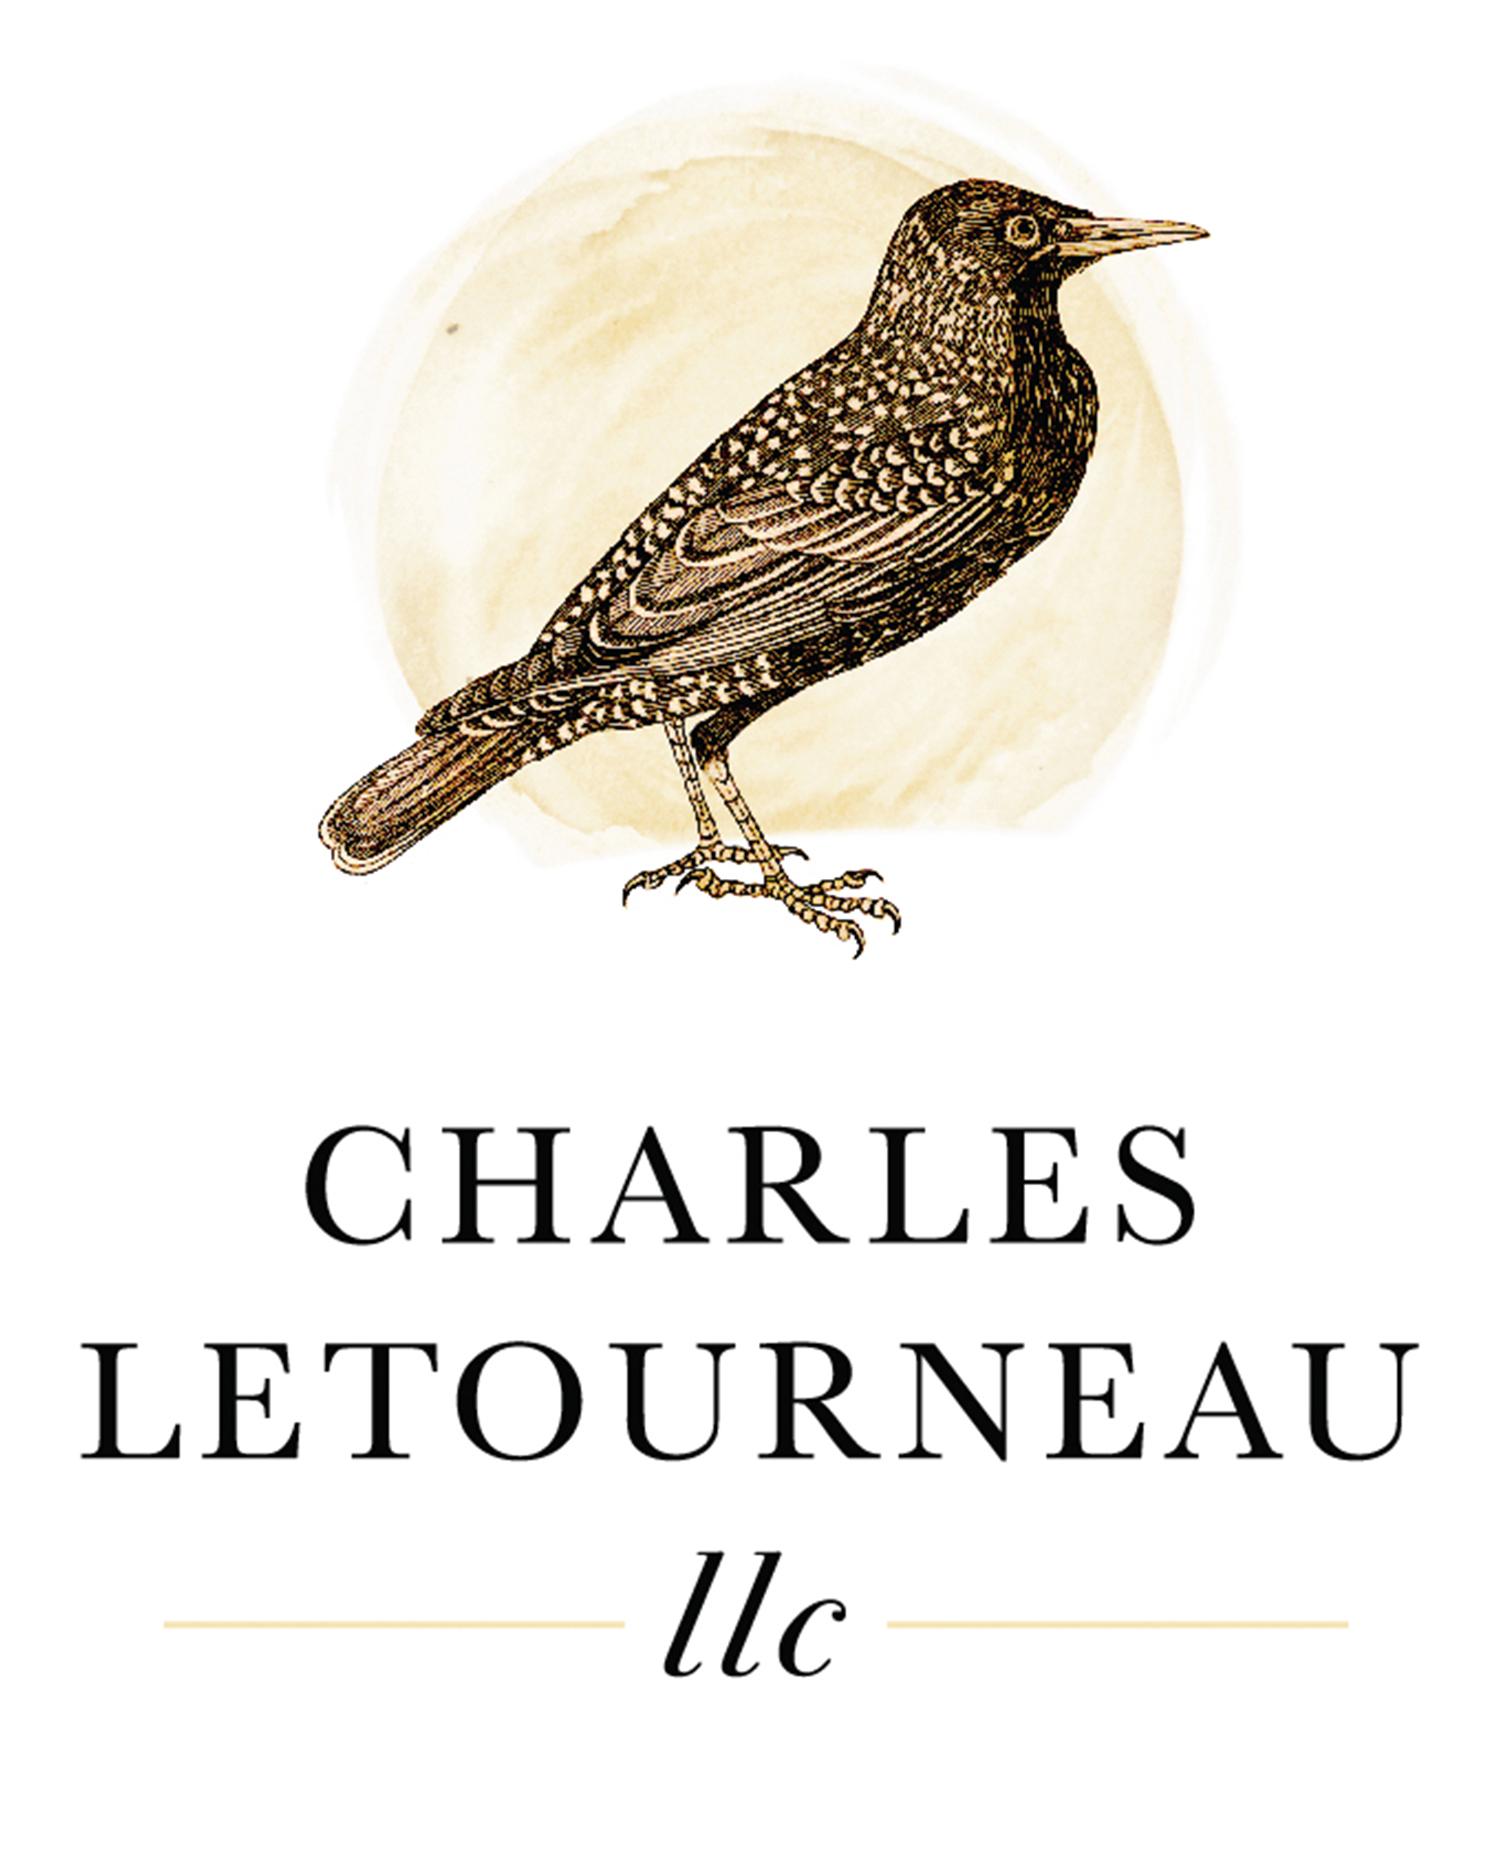 Charles_Letourneau_logo.jpg